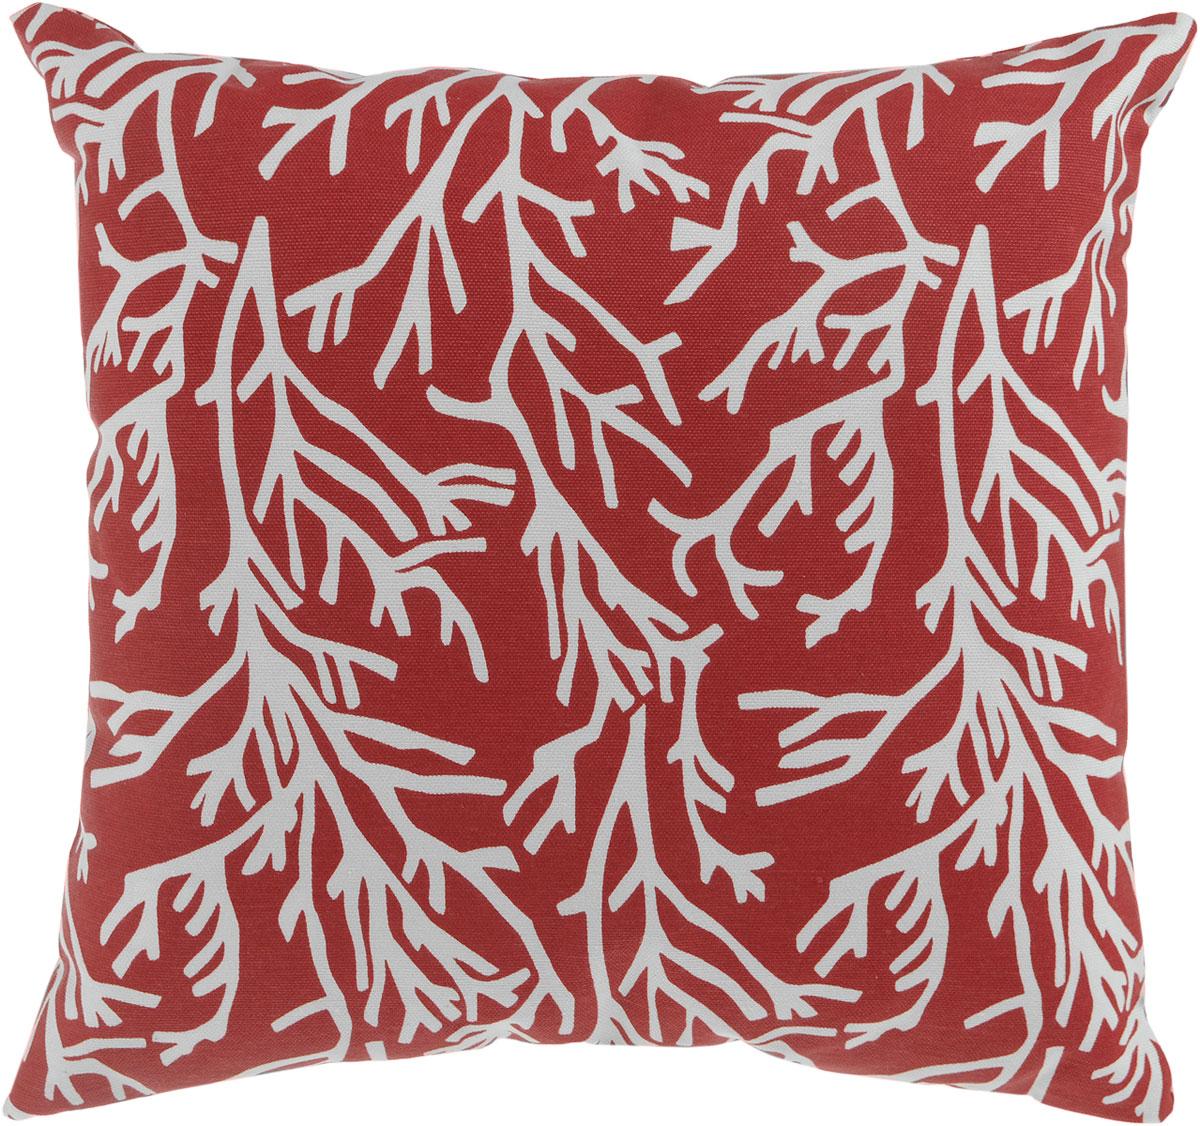 Подушка декоративная KauffOrt Красное море, 40 x 40 см3121300635Декоративная подушка Красное море прекрасно дополнит интерьер спальни или гостиной. Мягкий на ощупь чехол подушки выполнен из 25% полиэстера и 75% хлопка. Внутри находится мягкий наполнитель, выполненный из холлофайбера. Чехол легко снимается благодаря потайной молнии.Красивая подушка создаст атмосферу уюта и комфорта в спальне и станет прекрасным элементом декора.